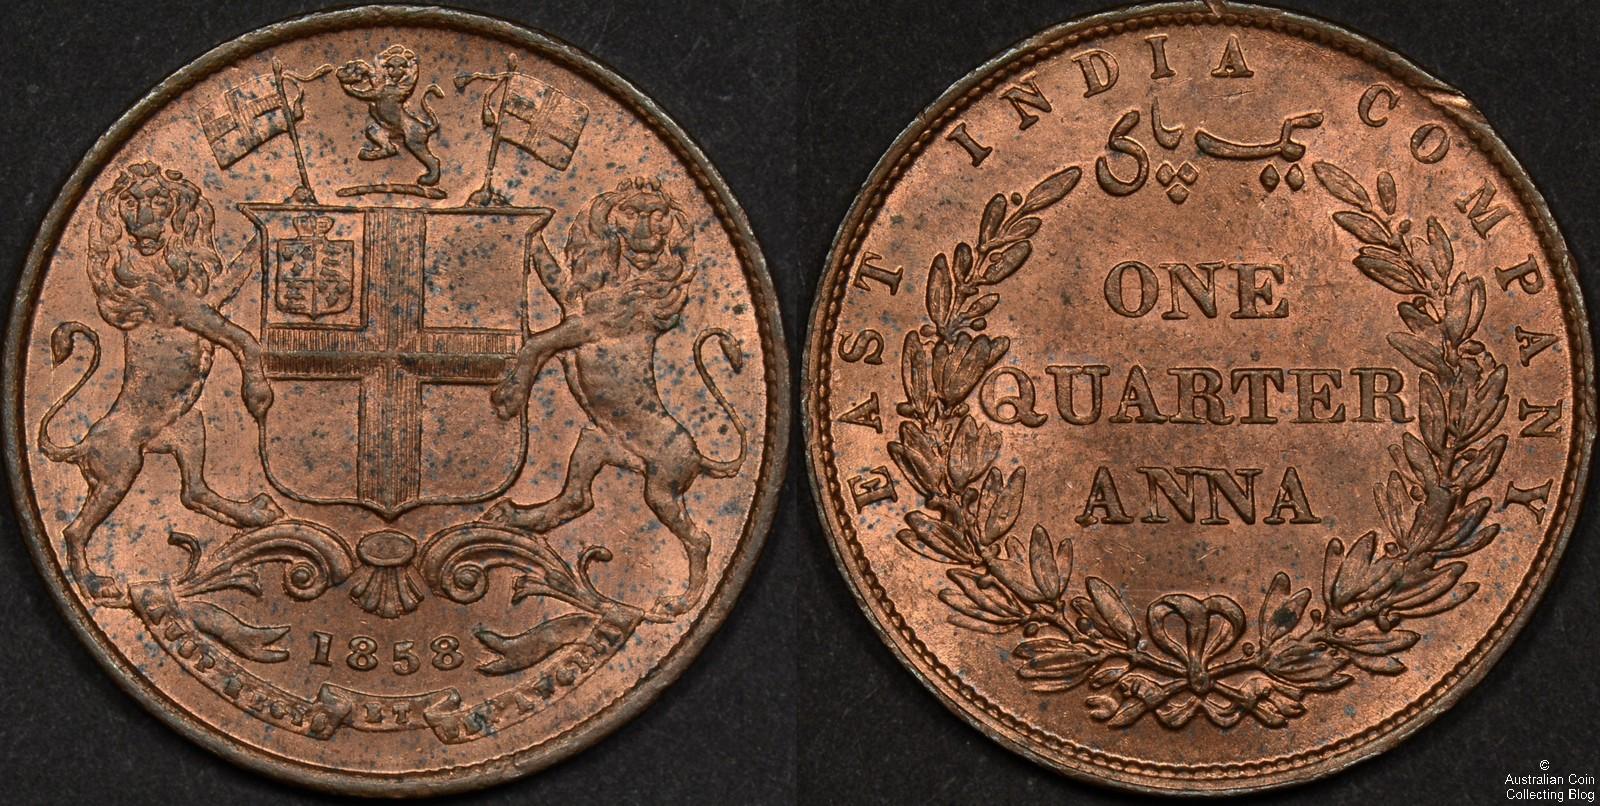 India 1858 Quarter Anna